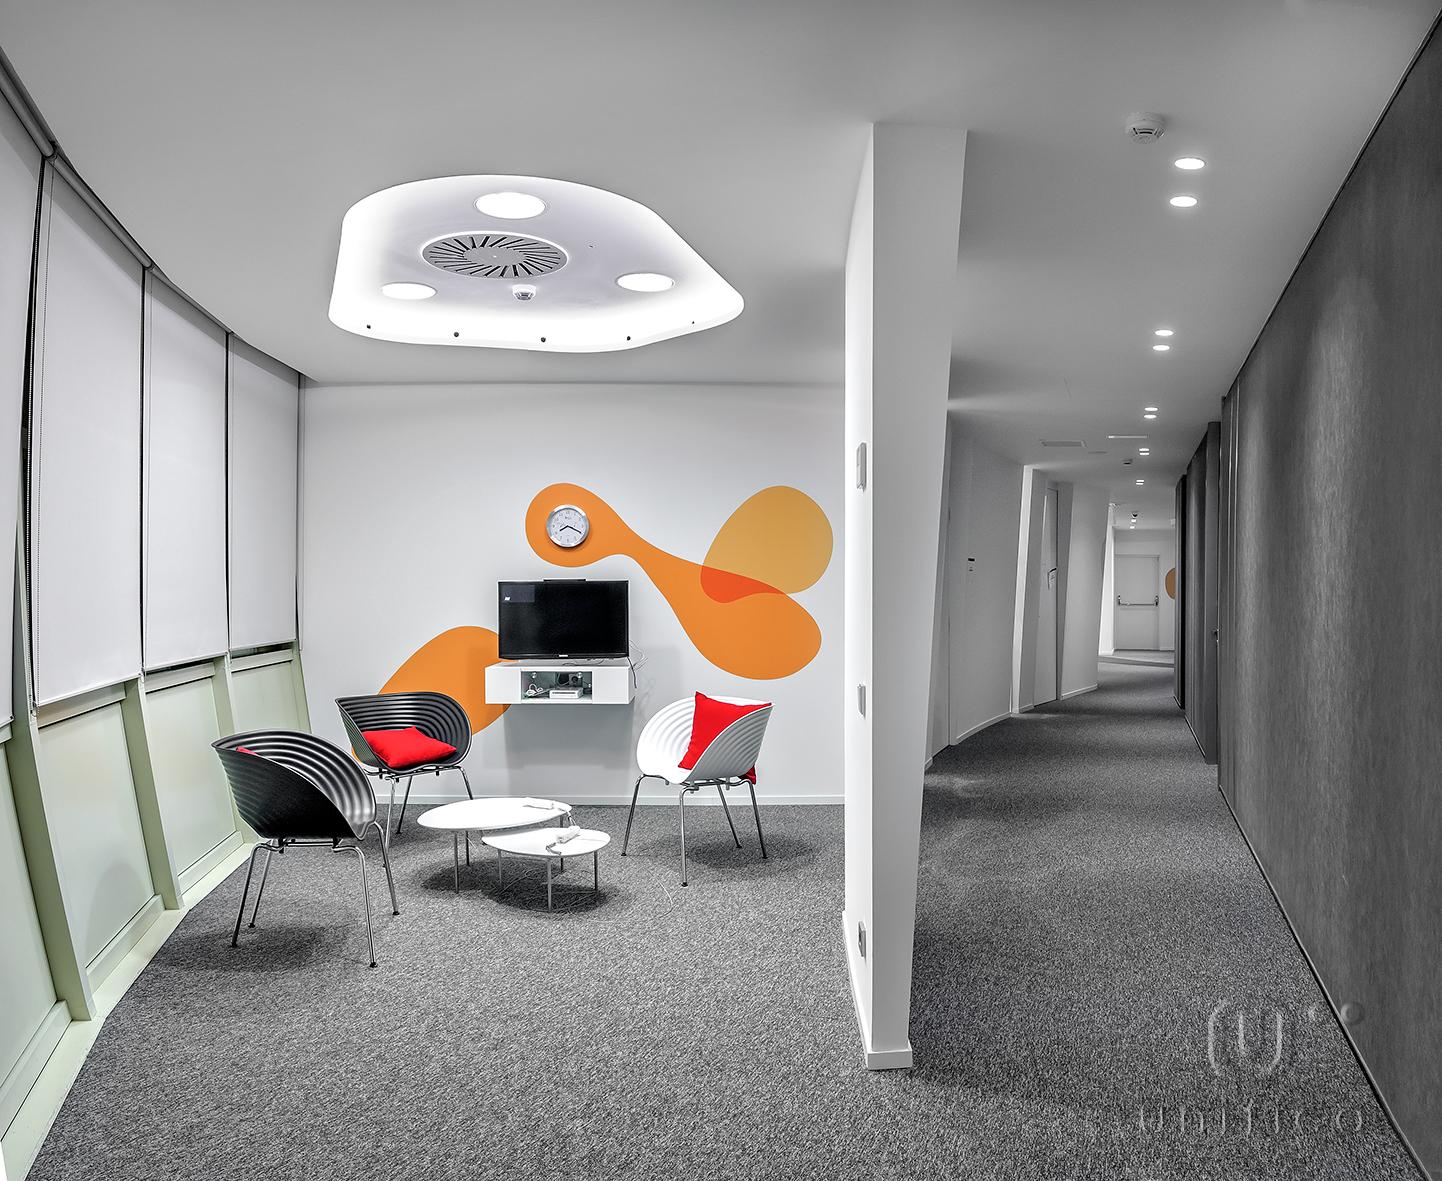 Dise o interiores empresa e innovaci n for Seguro oficina